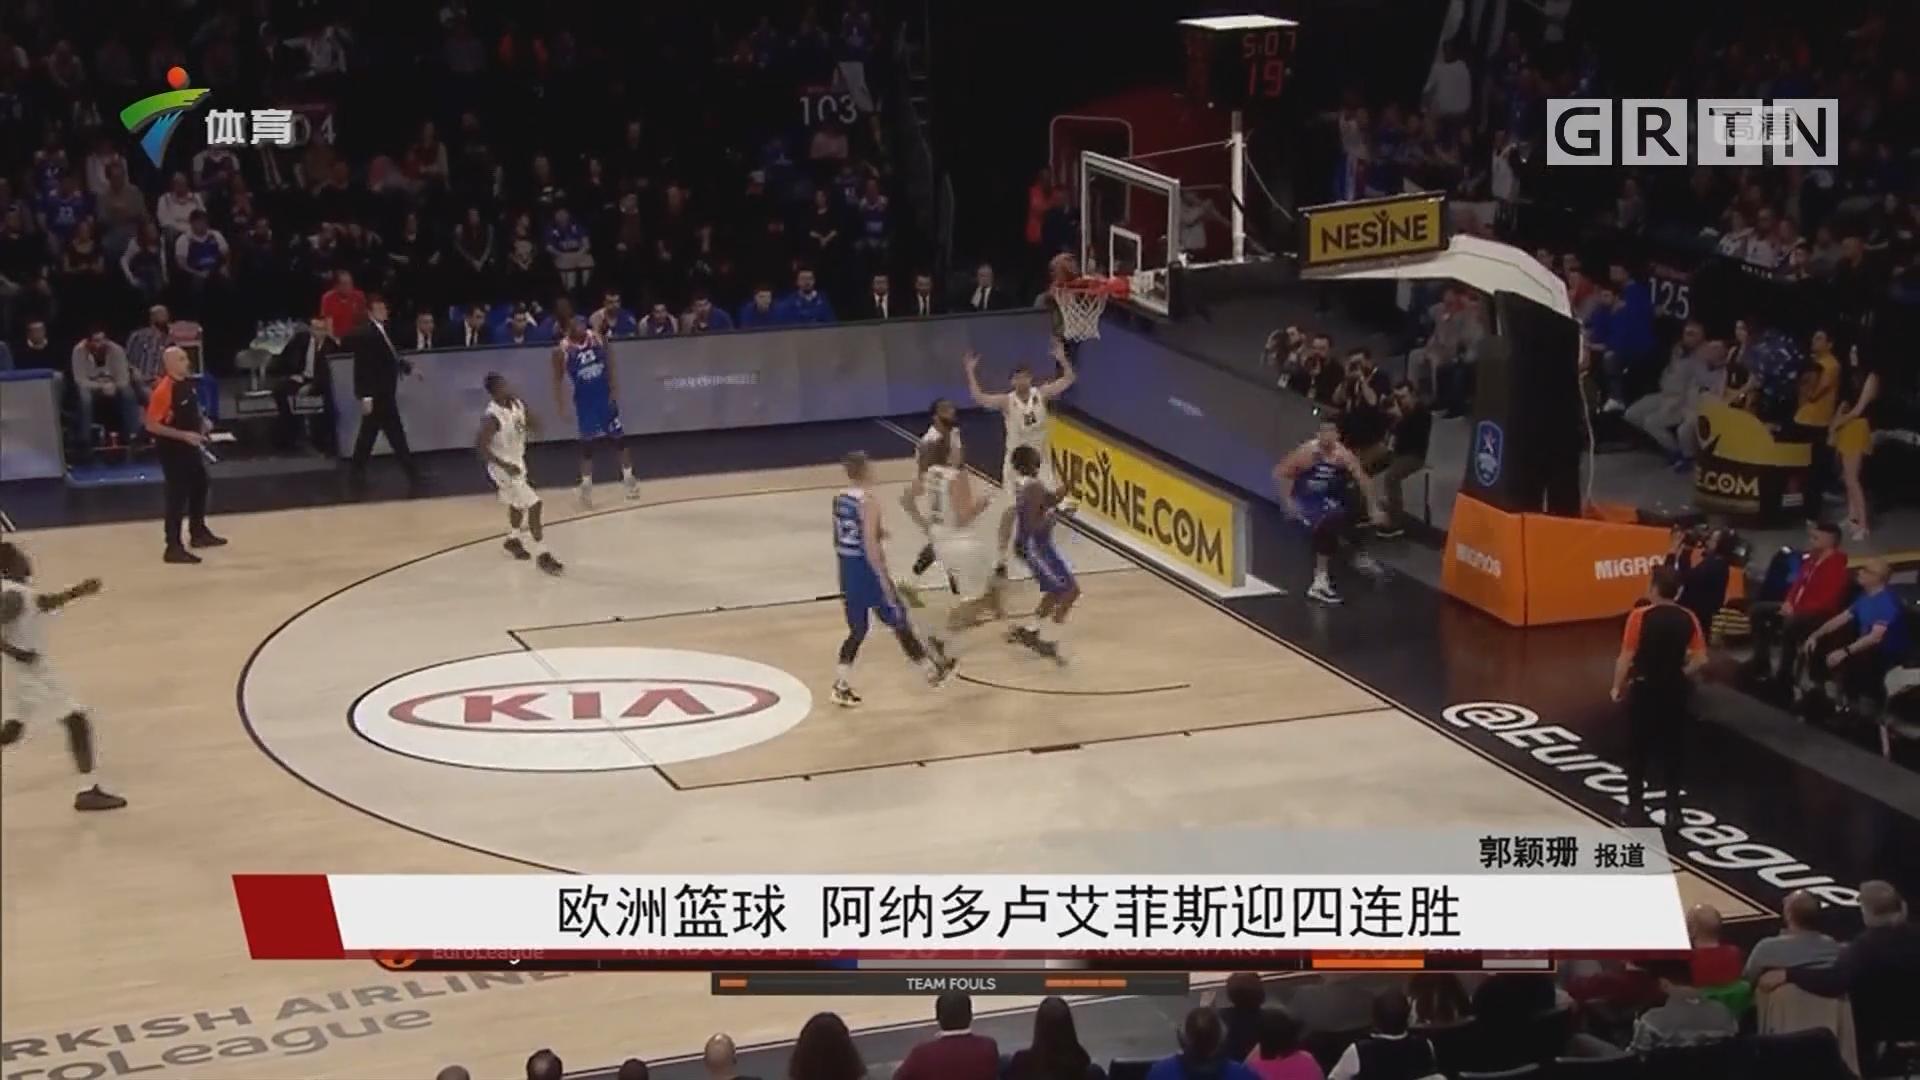 欧洲篮球 阿纳多卢艾菲斯迎四连胜